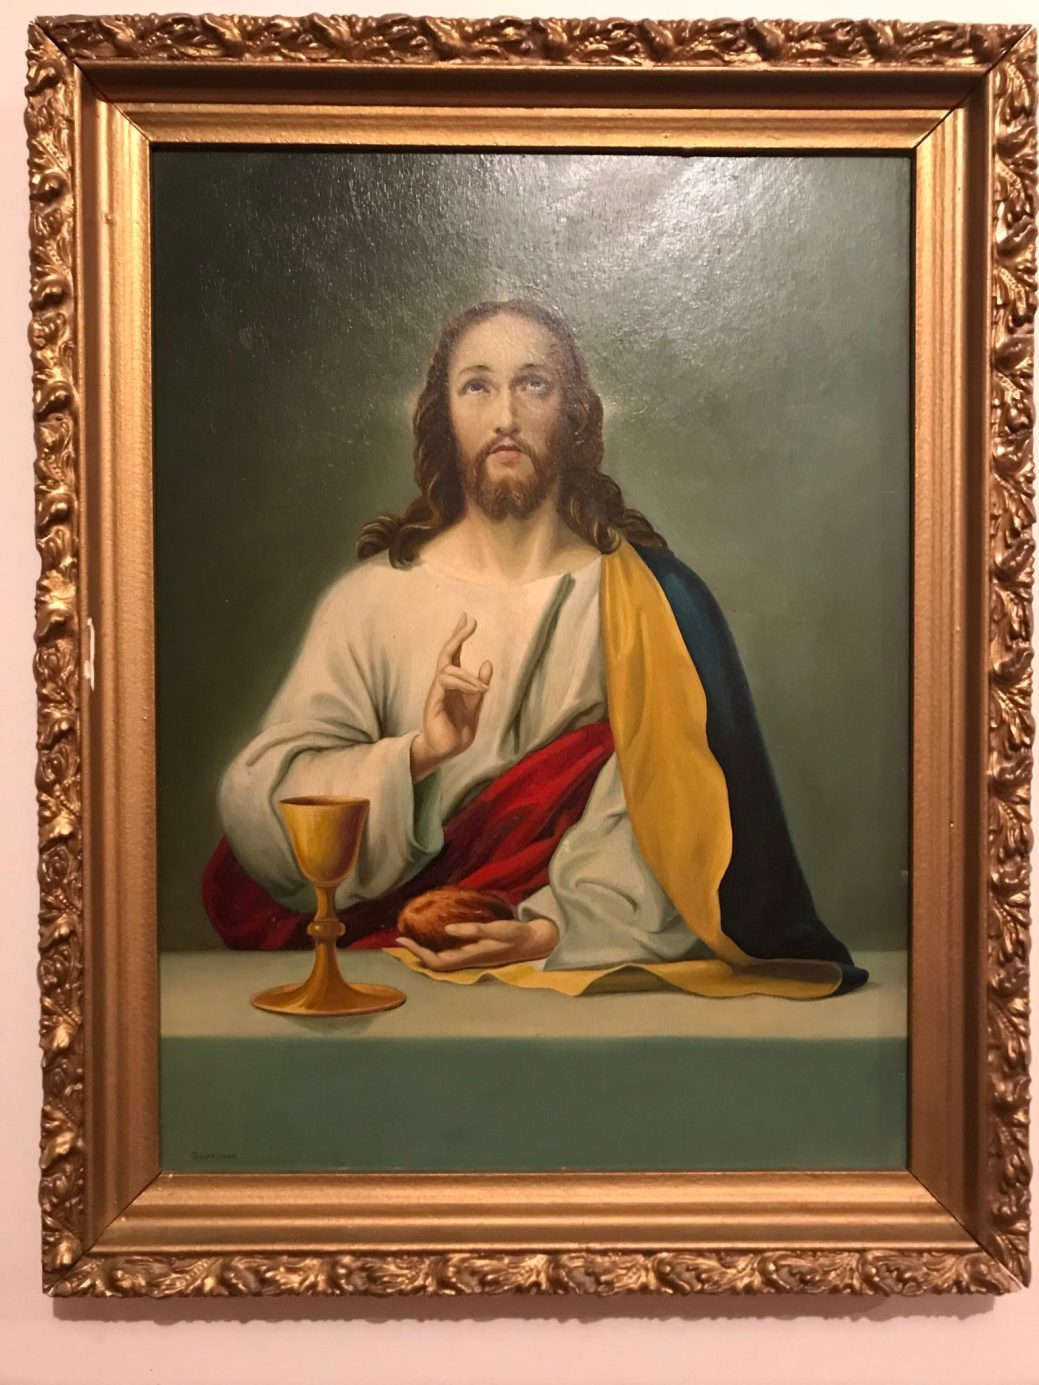 Ce tableau d'Édouard Gautreau, Jésus au dernier repas, fait partie de la collection Cormier. - Gracieuseté: Nation Prospère Acadie